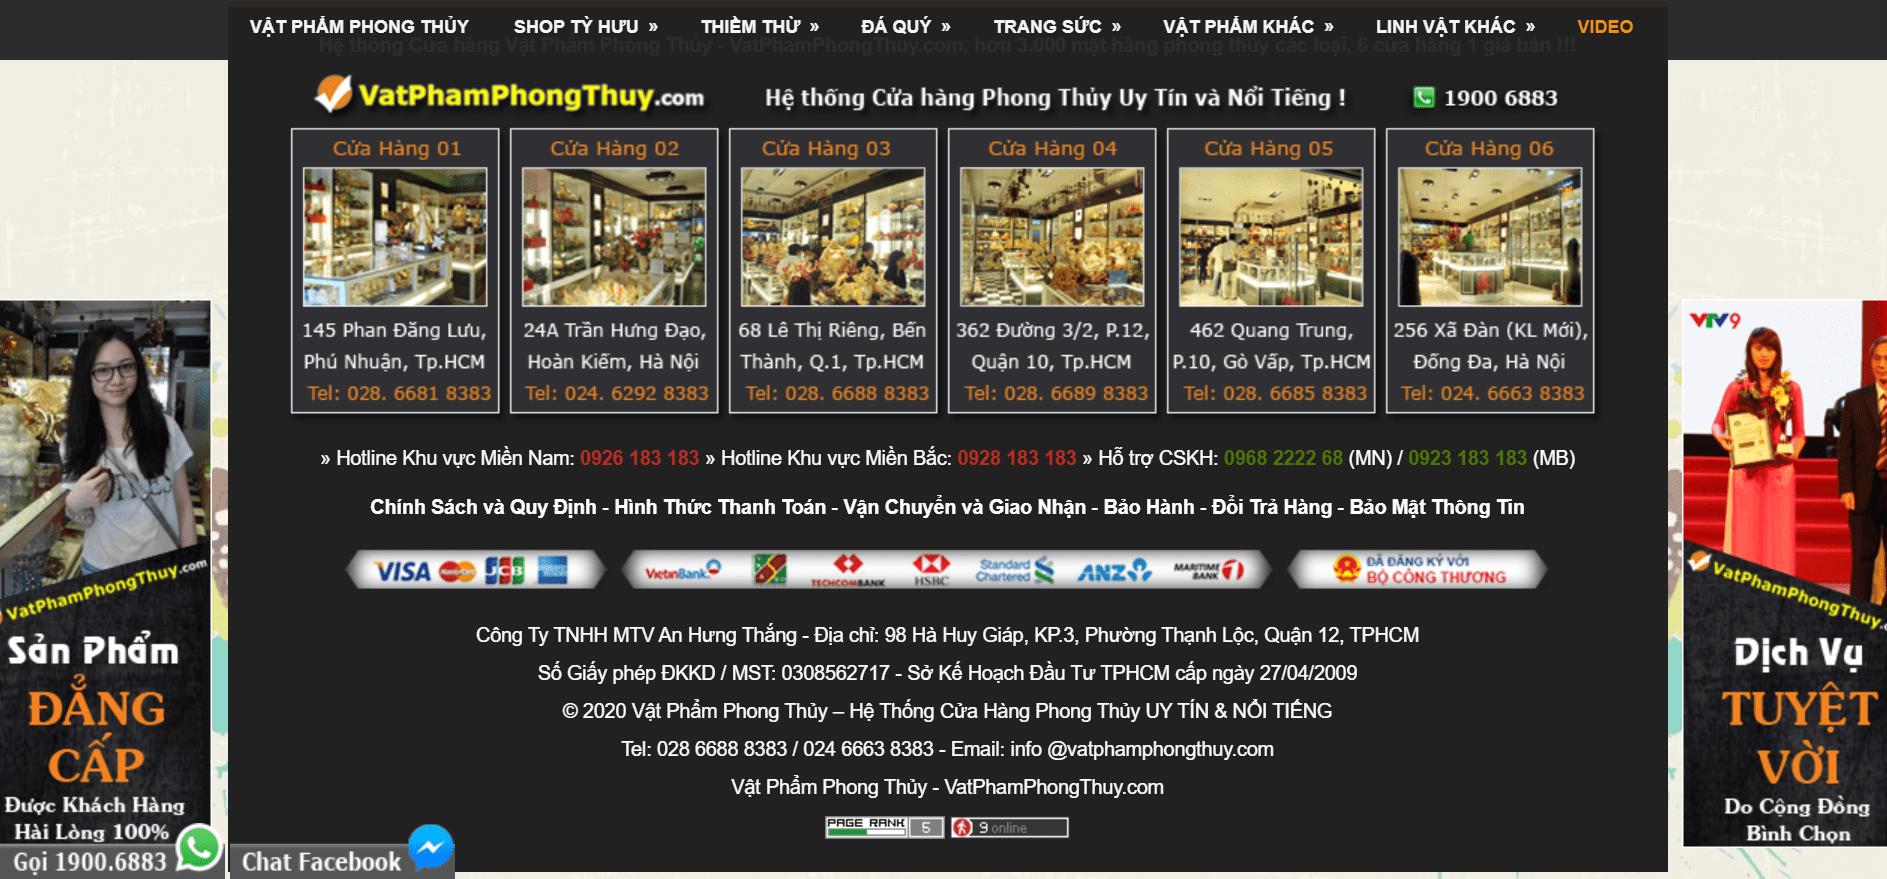 Top 10 cửa hàng bán đồ phong thủy uy tín – chất lượng nhất ở TP Hồ Chí Minh